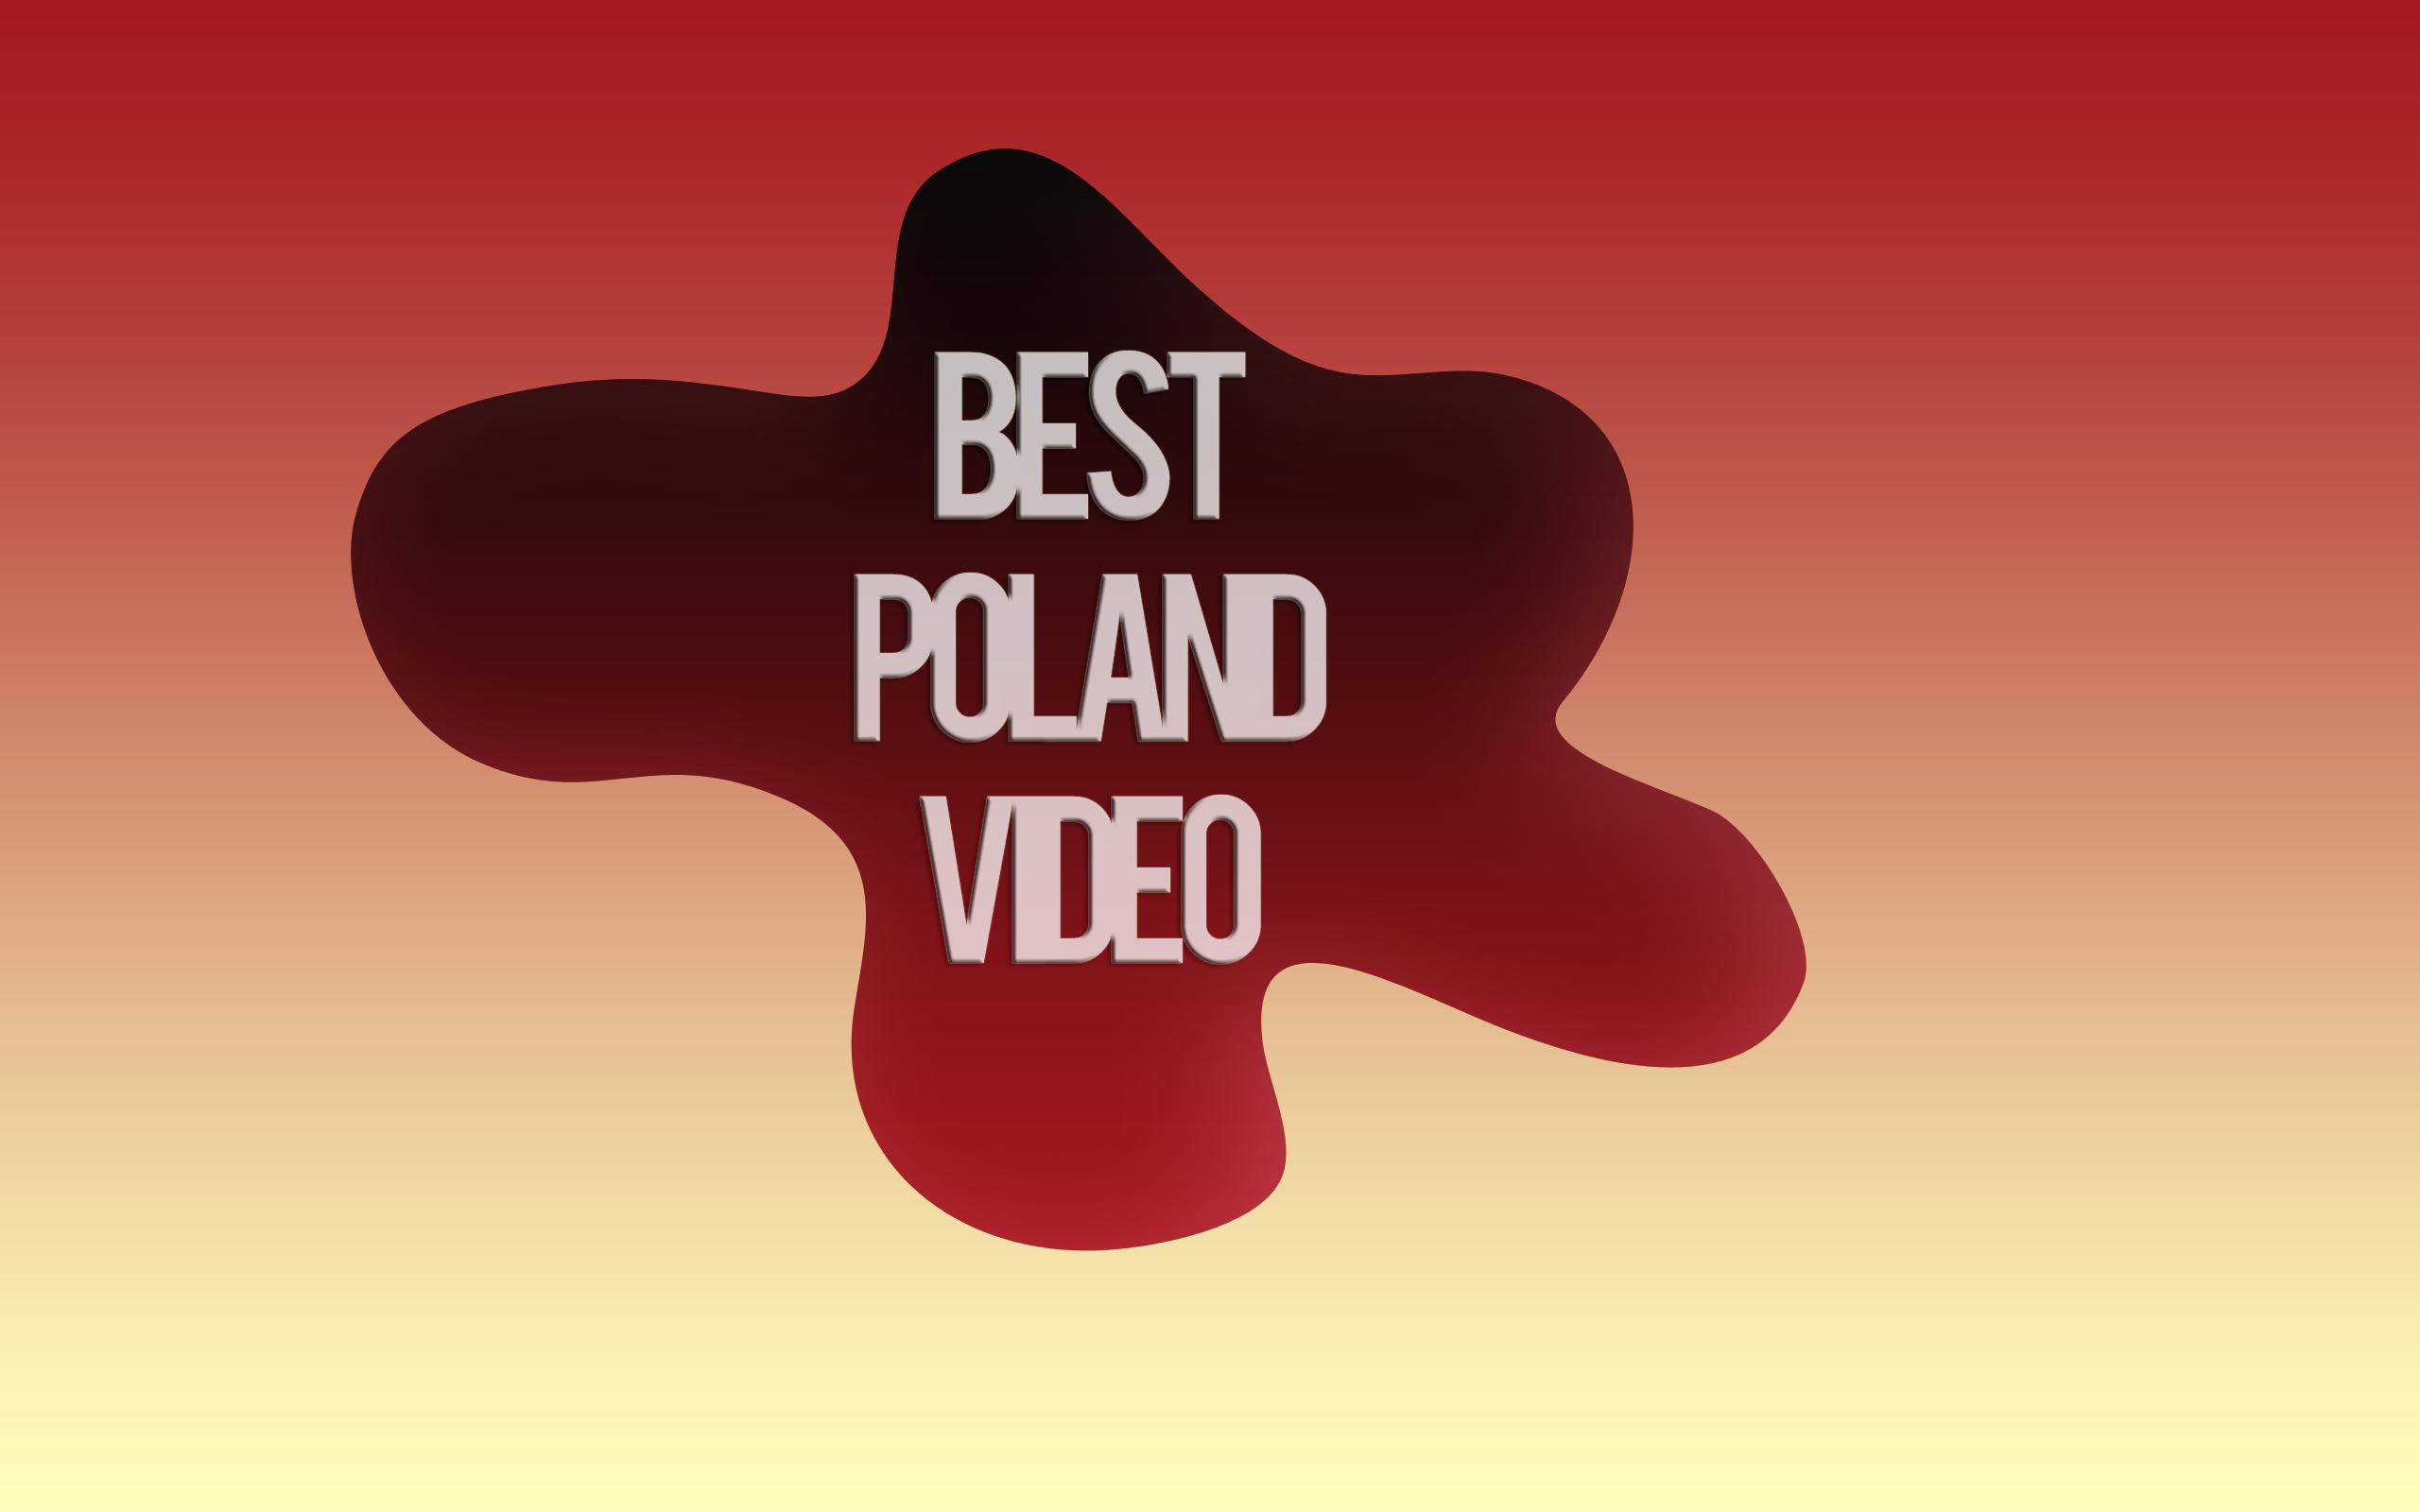 videopl